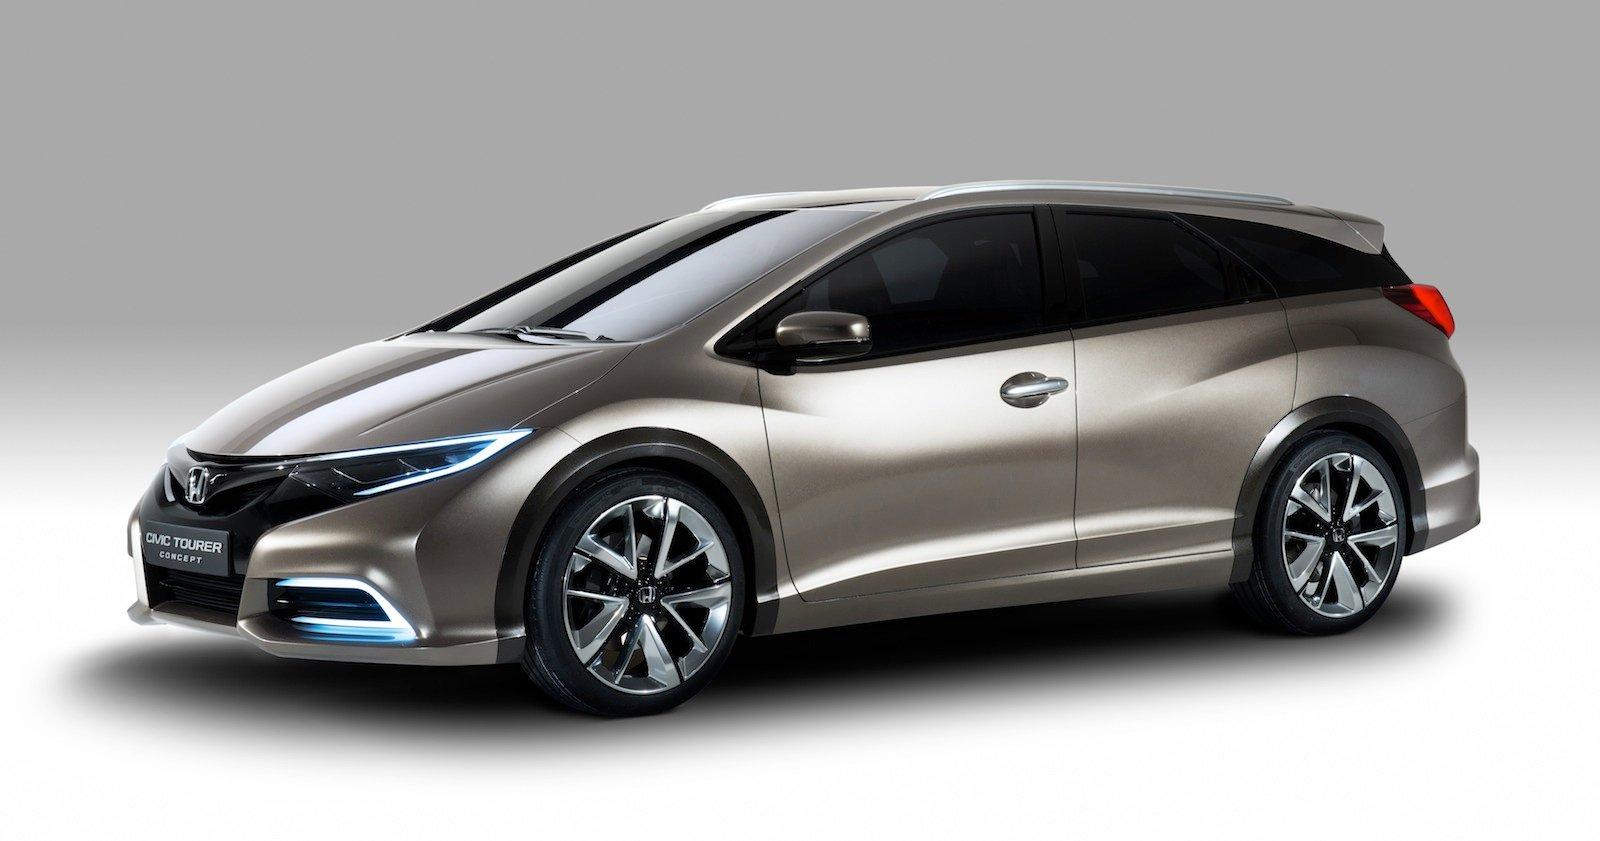 Honda Civic Tourer concept revealed - photos | CarAdvice